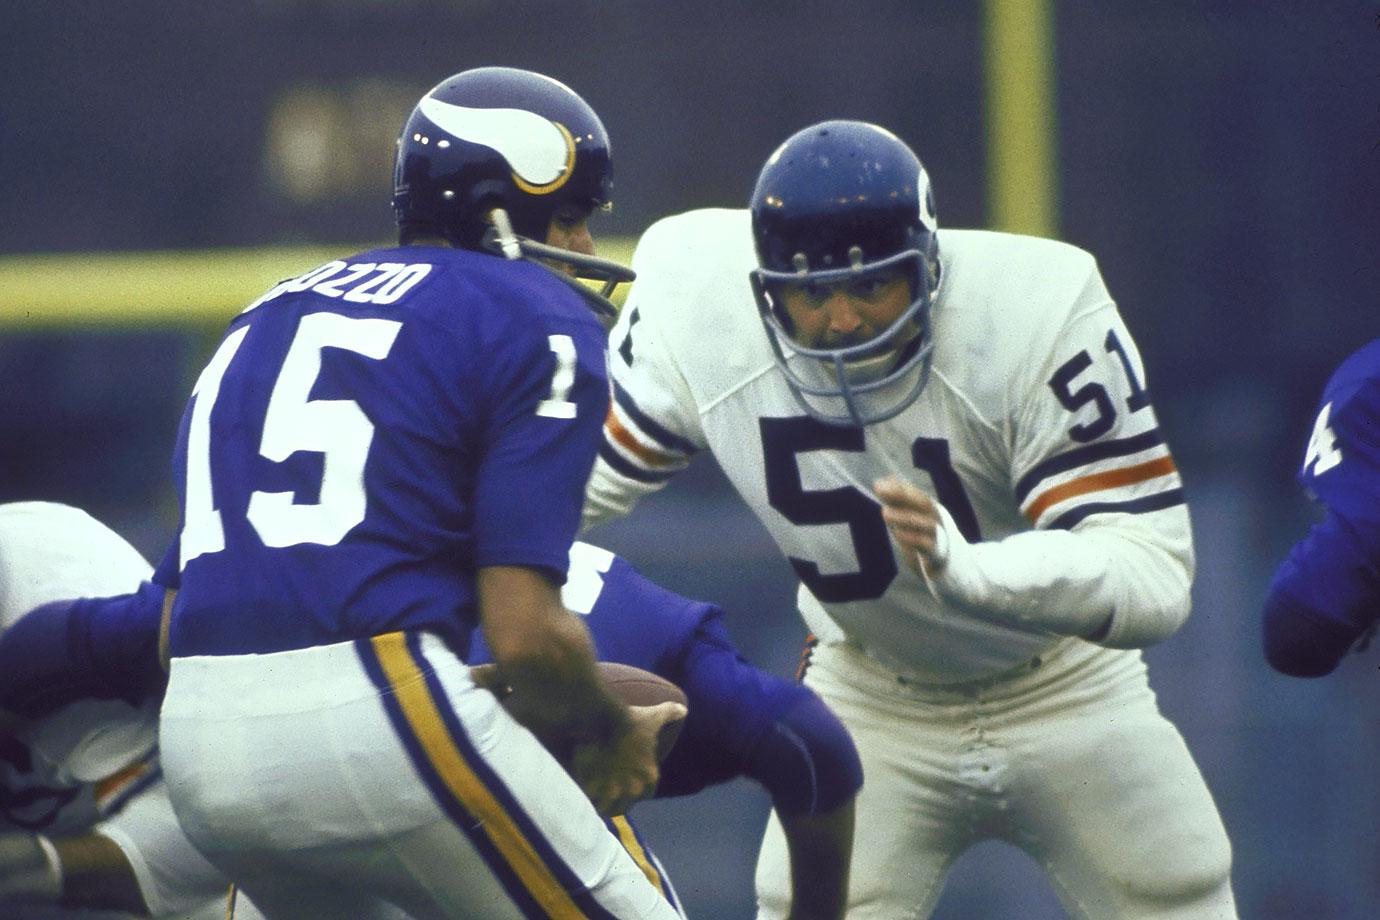 Sept. 26, 1971 — Chicago Bears vs. Minnesota Vikings